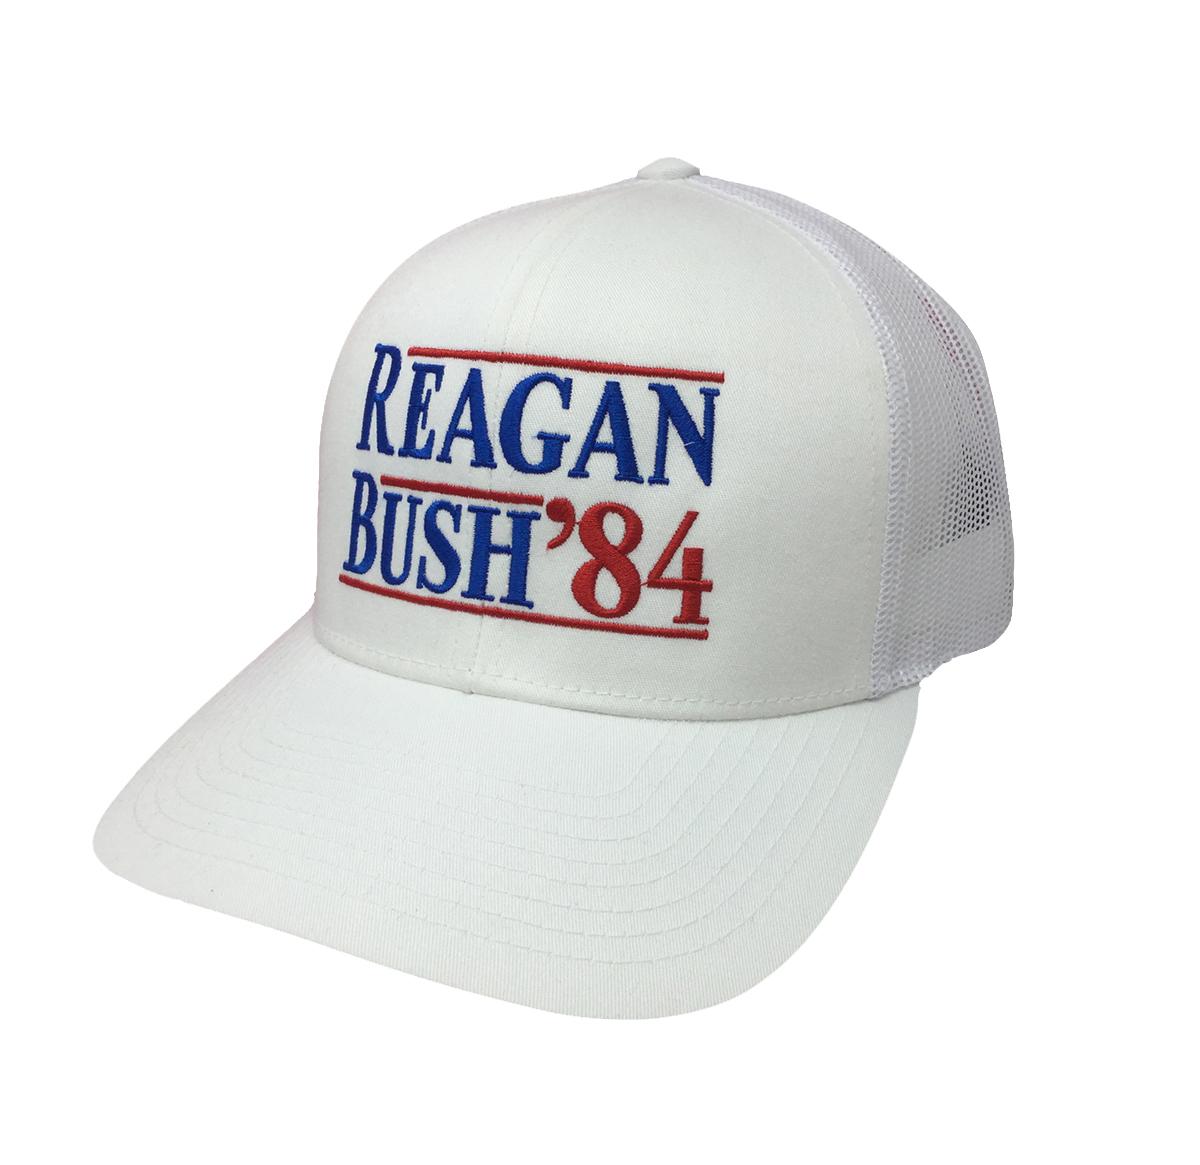 5e73026a23459 Reagan Bush 84 Campaign Adult Trucker Hat-White with White Mesh ...